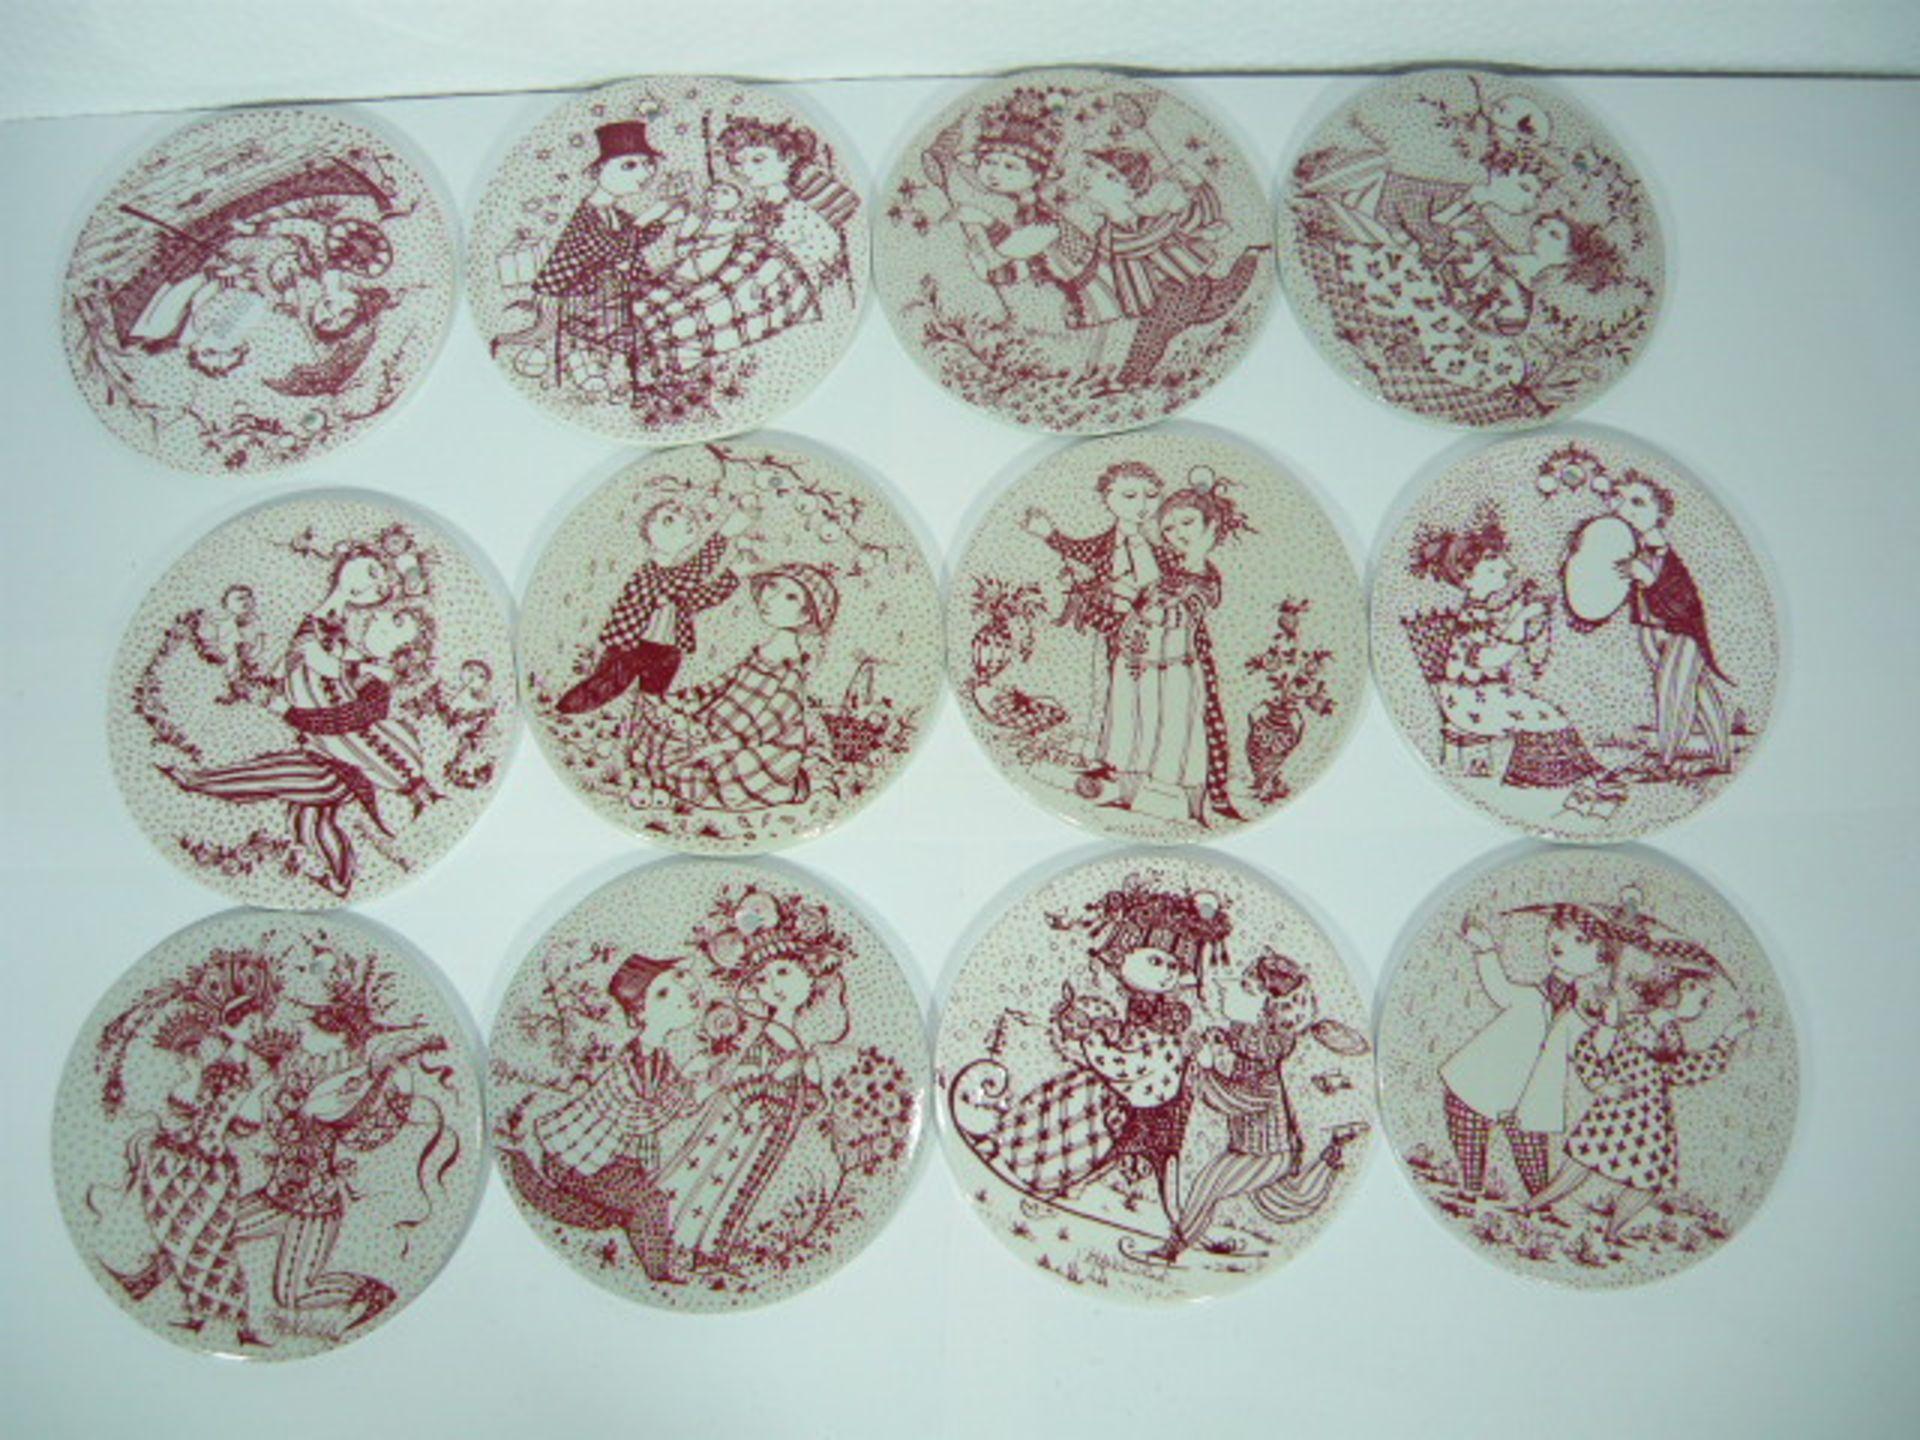 Bjørn Wiinblad für Nymølle. 12 Wandteller bzw. Brotteller in rot. Je Dm. Ca. 15cm. KOSTENLOSER